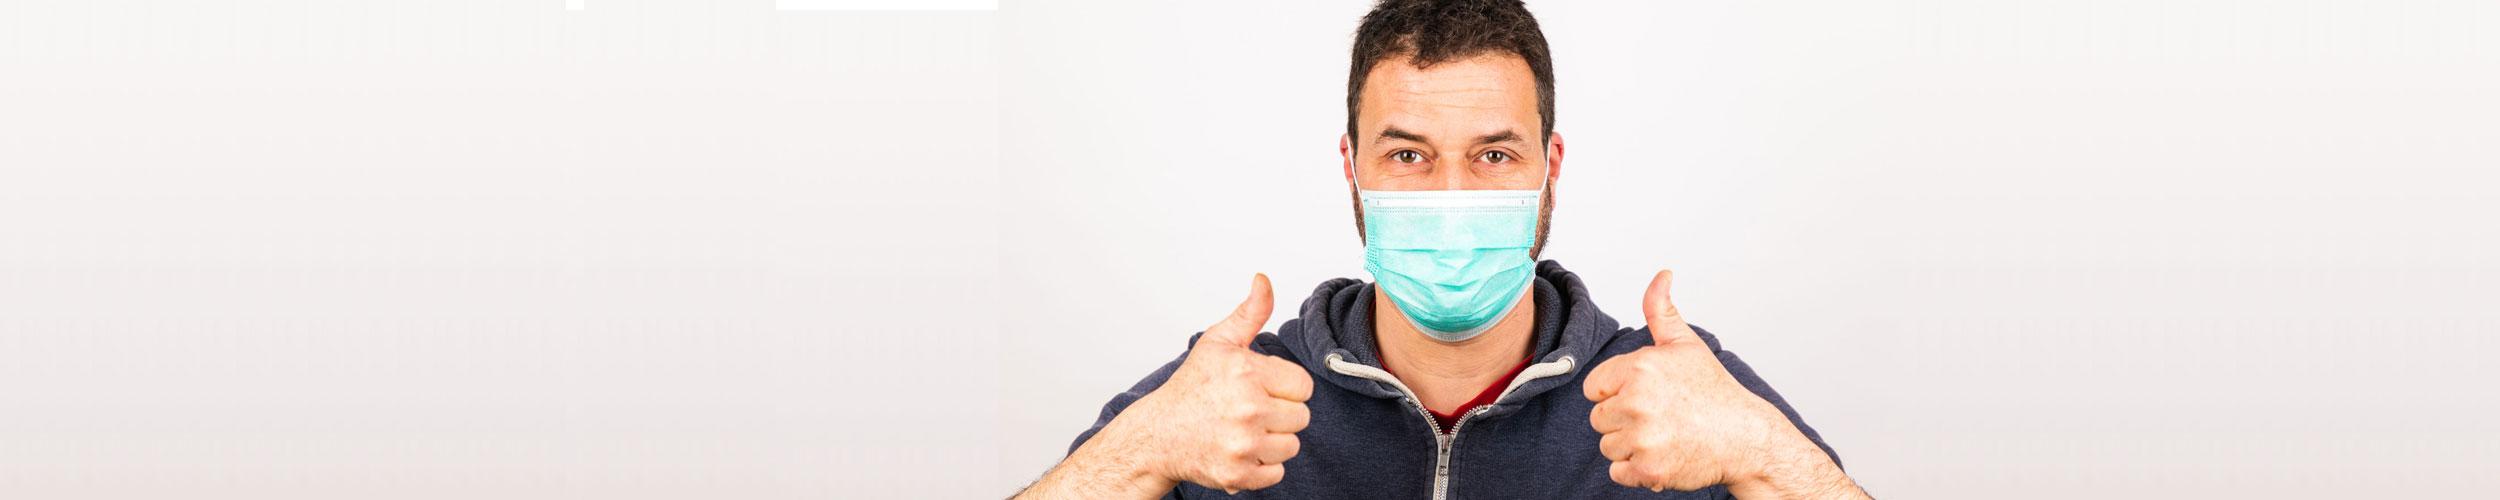 kardiologische-praxis-coronavirus